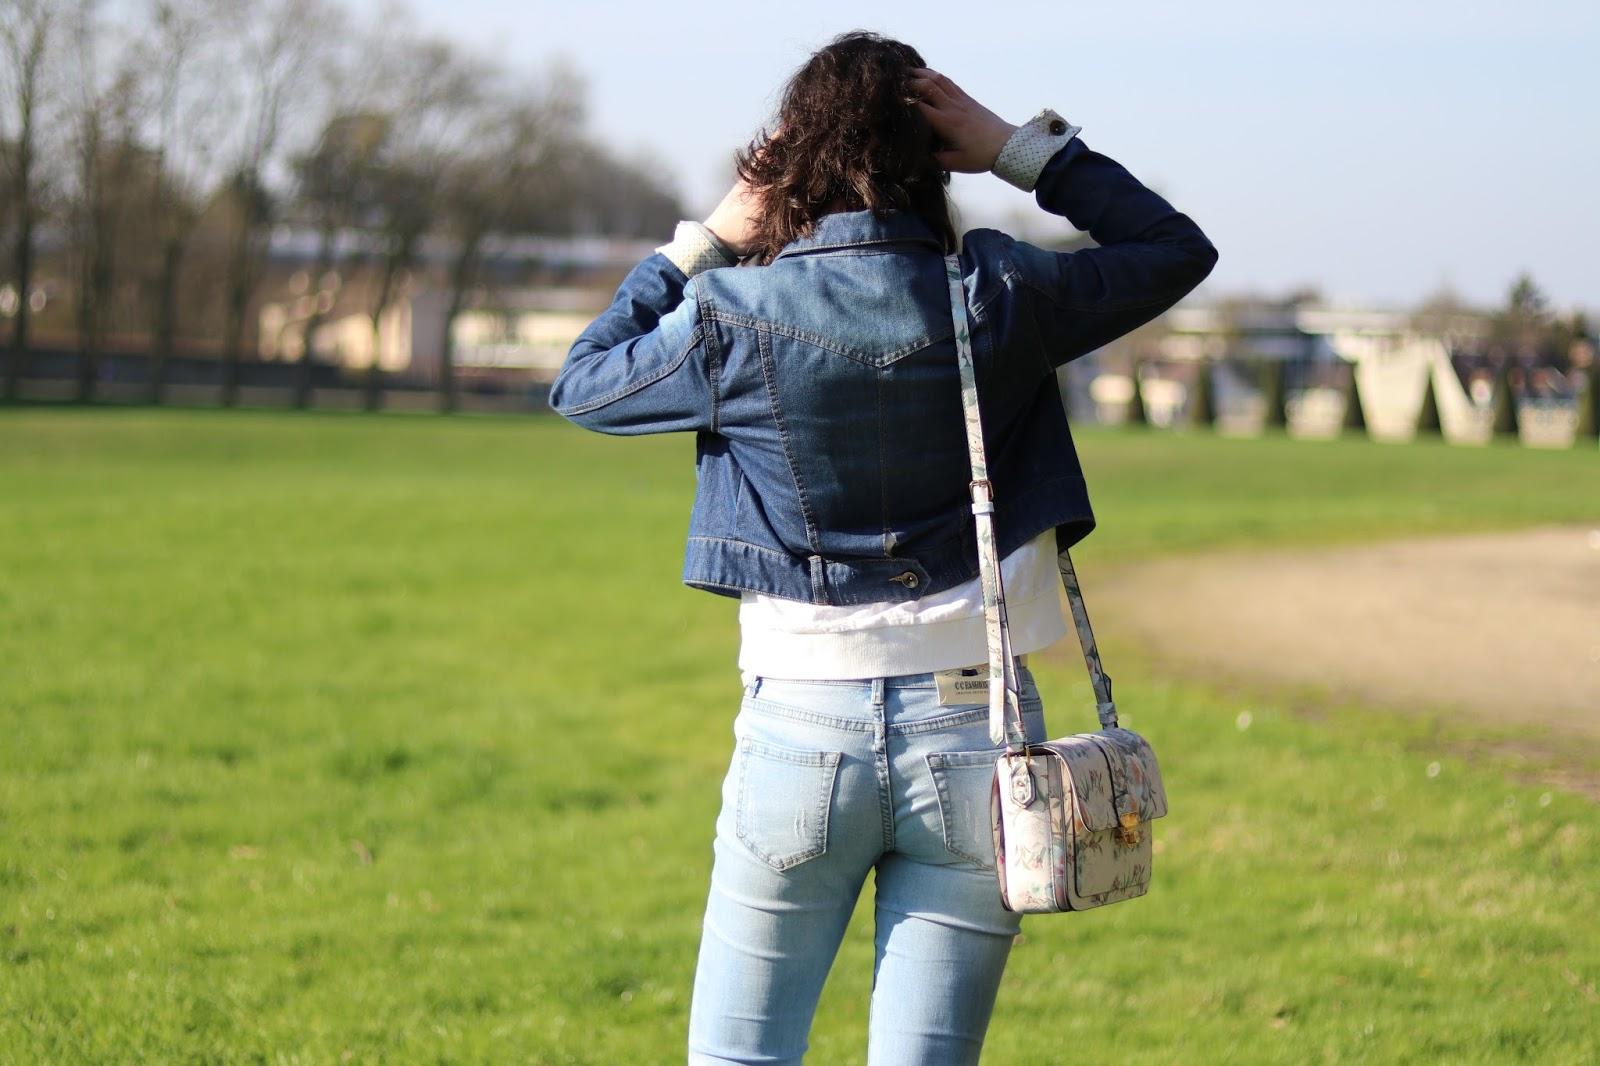 look mode femme ootd outfit of the day fleurs veste en jean shein avis babou derbies paillettes accessorize idée ete printemps broderies